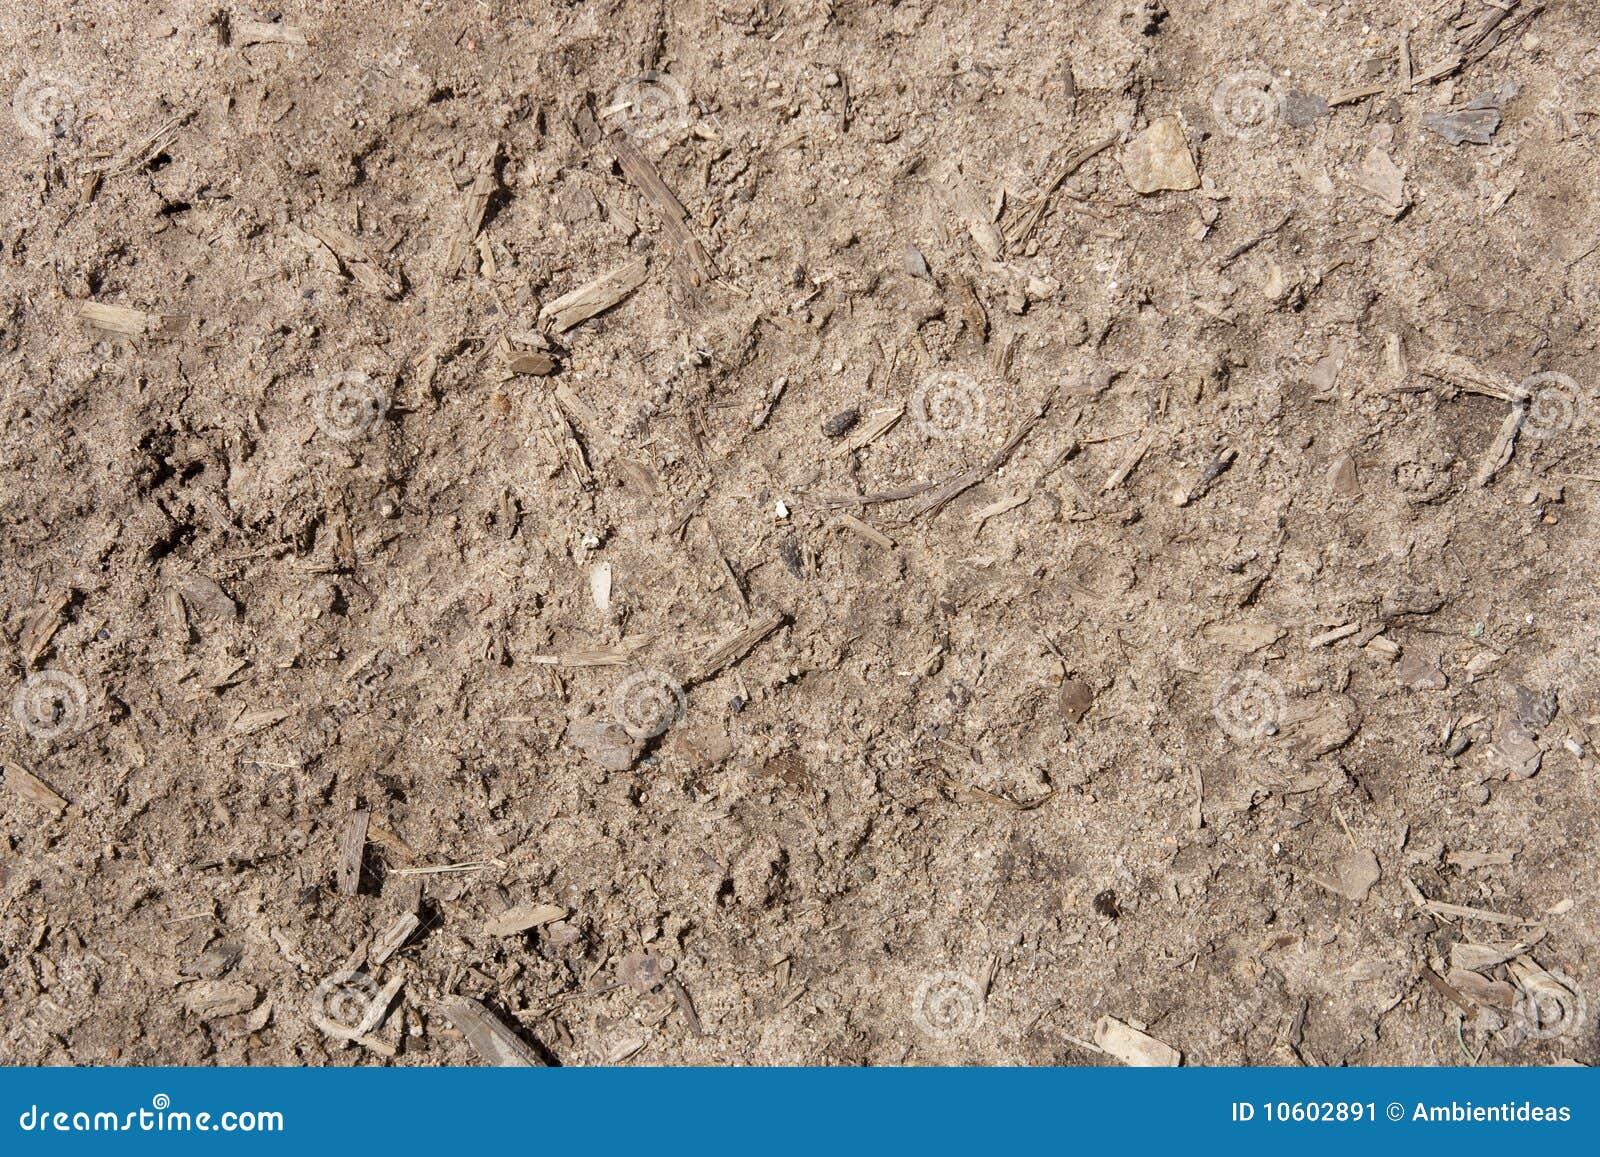 湿土的土壤